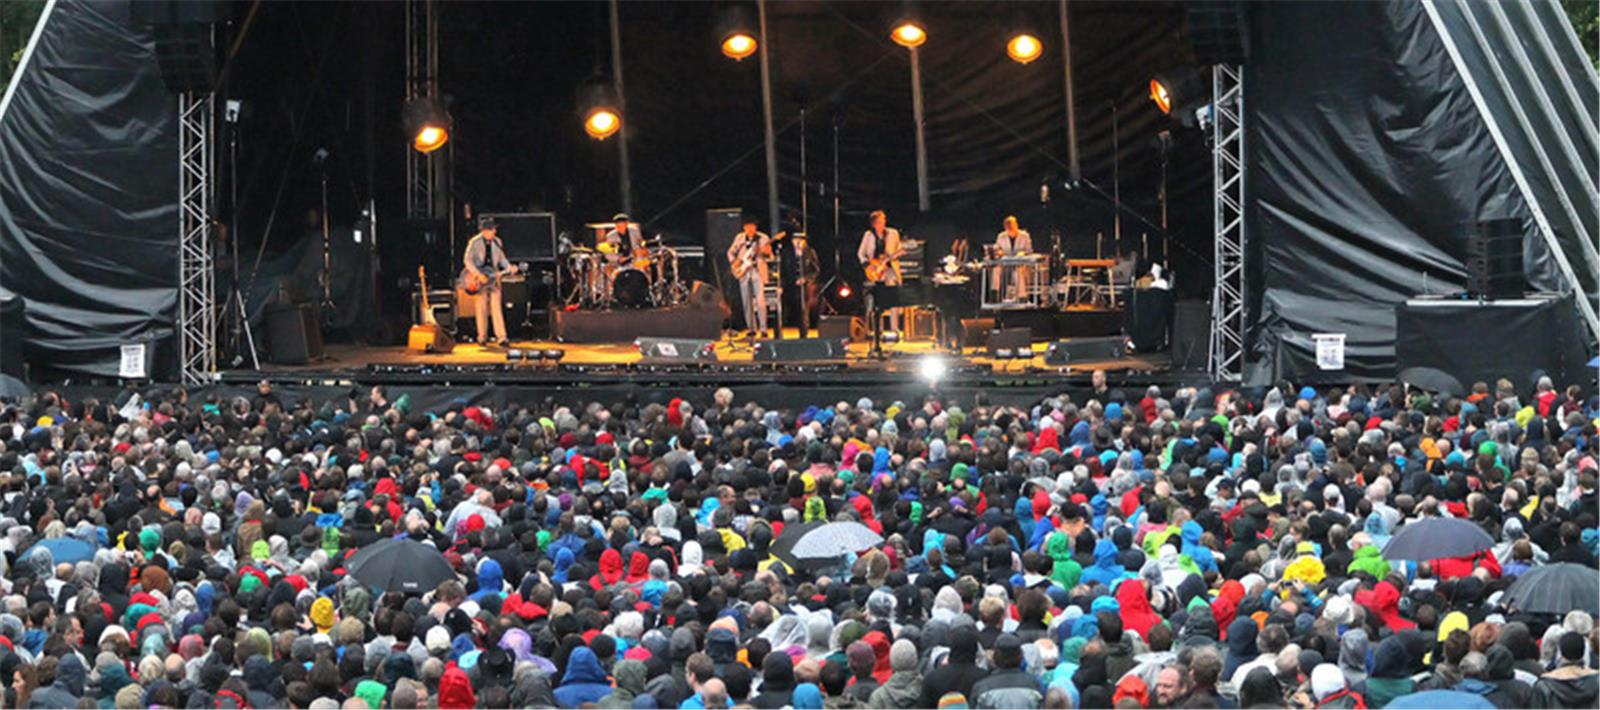 Da waren die Ränge noch voll  Das Konzert von Bob Dylan (ganz in Schwarz  auf der Bühnenmitte) am Sonntagabend in den Mühlbachäckern war ausverkauft. 65f5ac7415